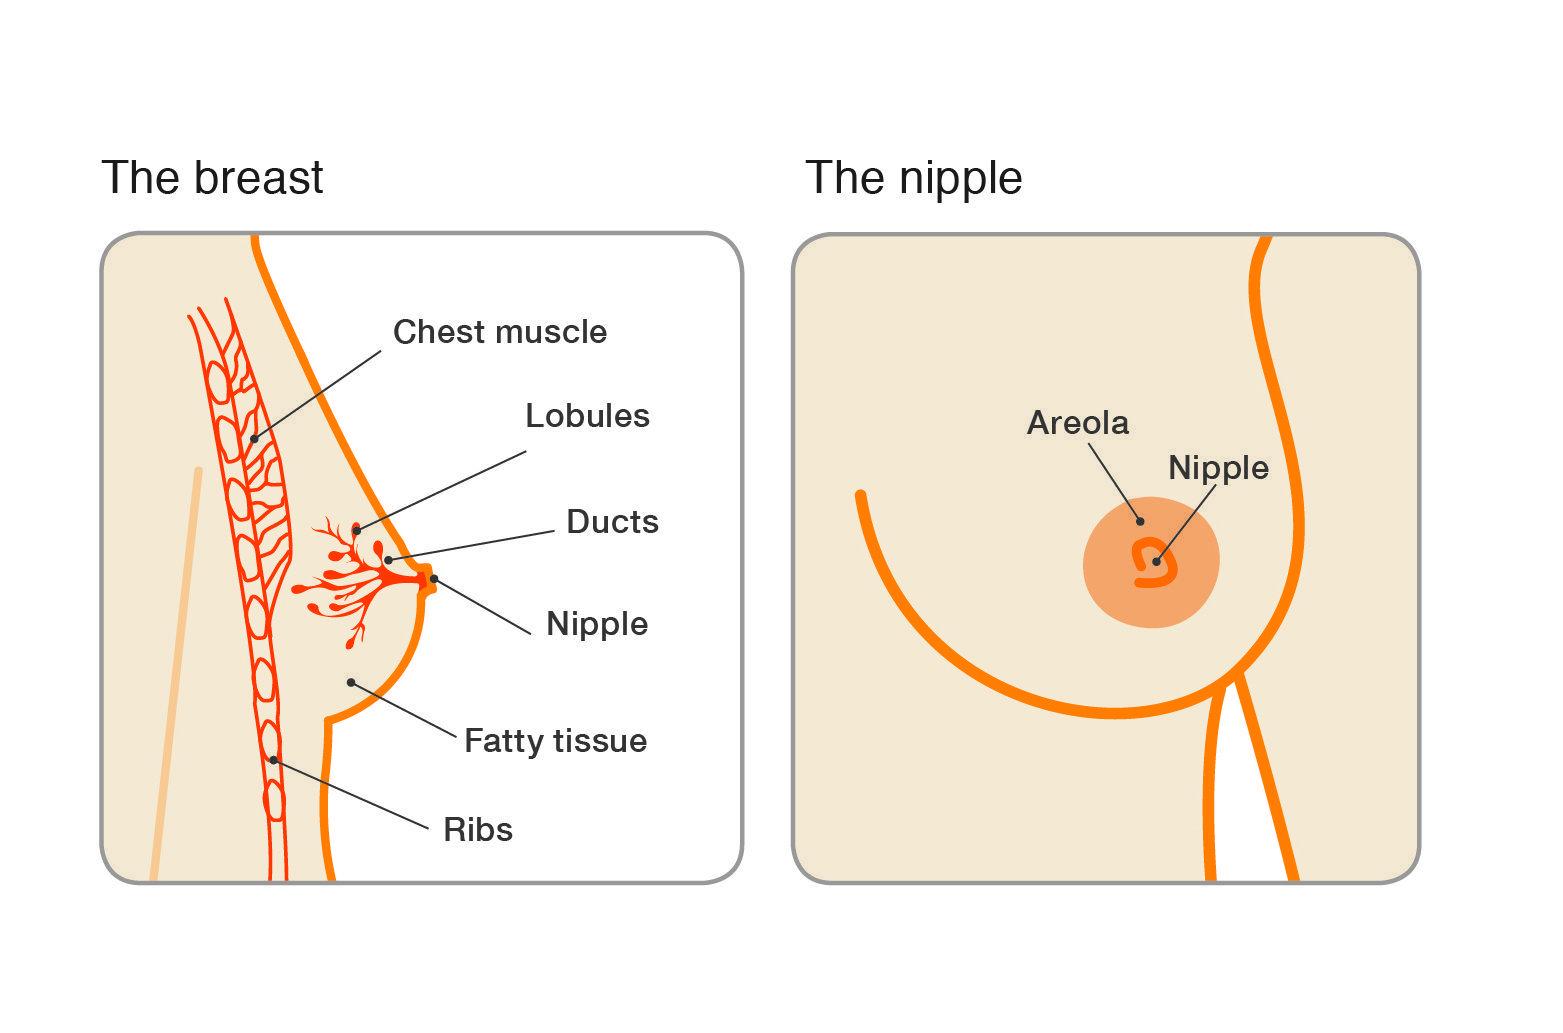 Secretiile Mamelonare, Papilom intraductal simptome